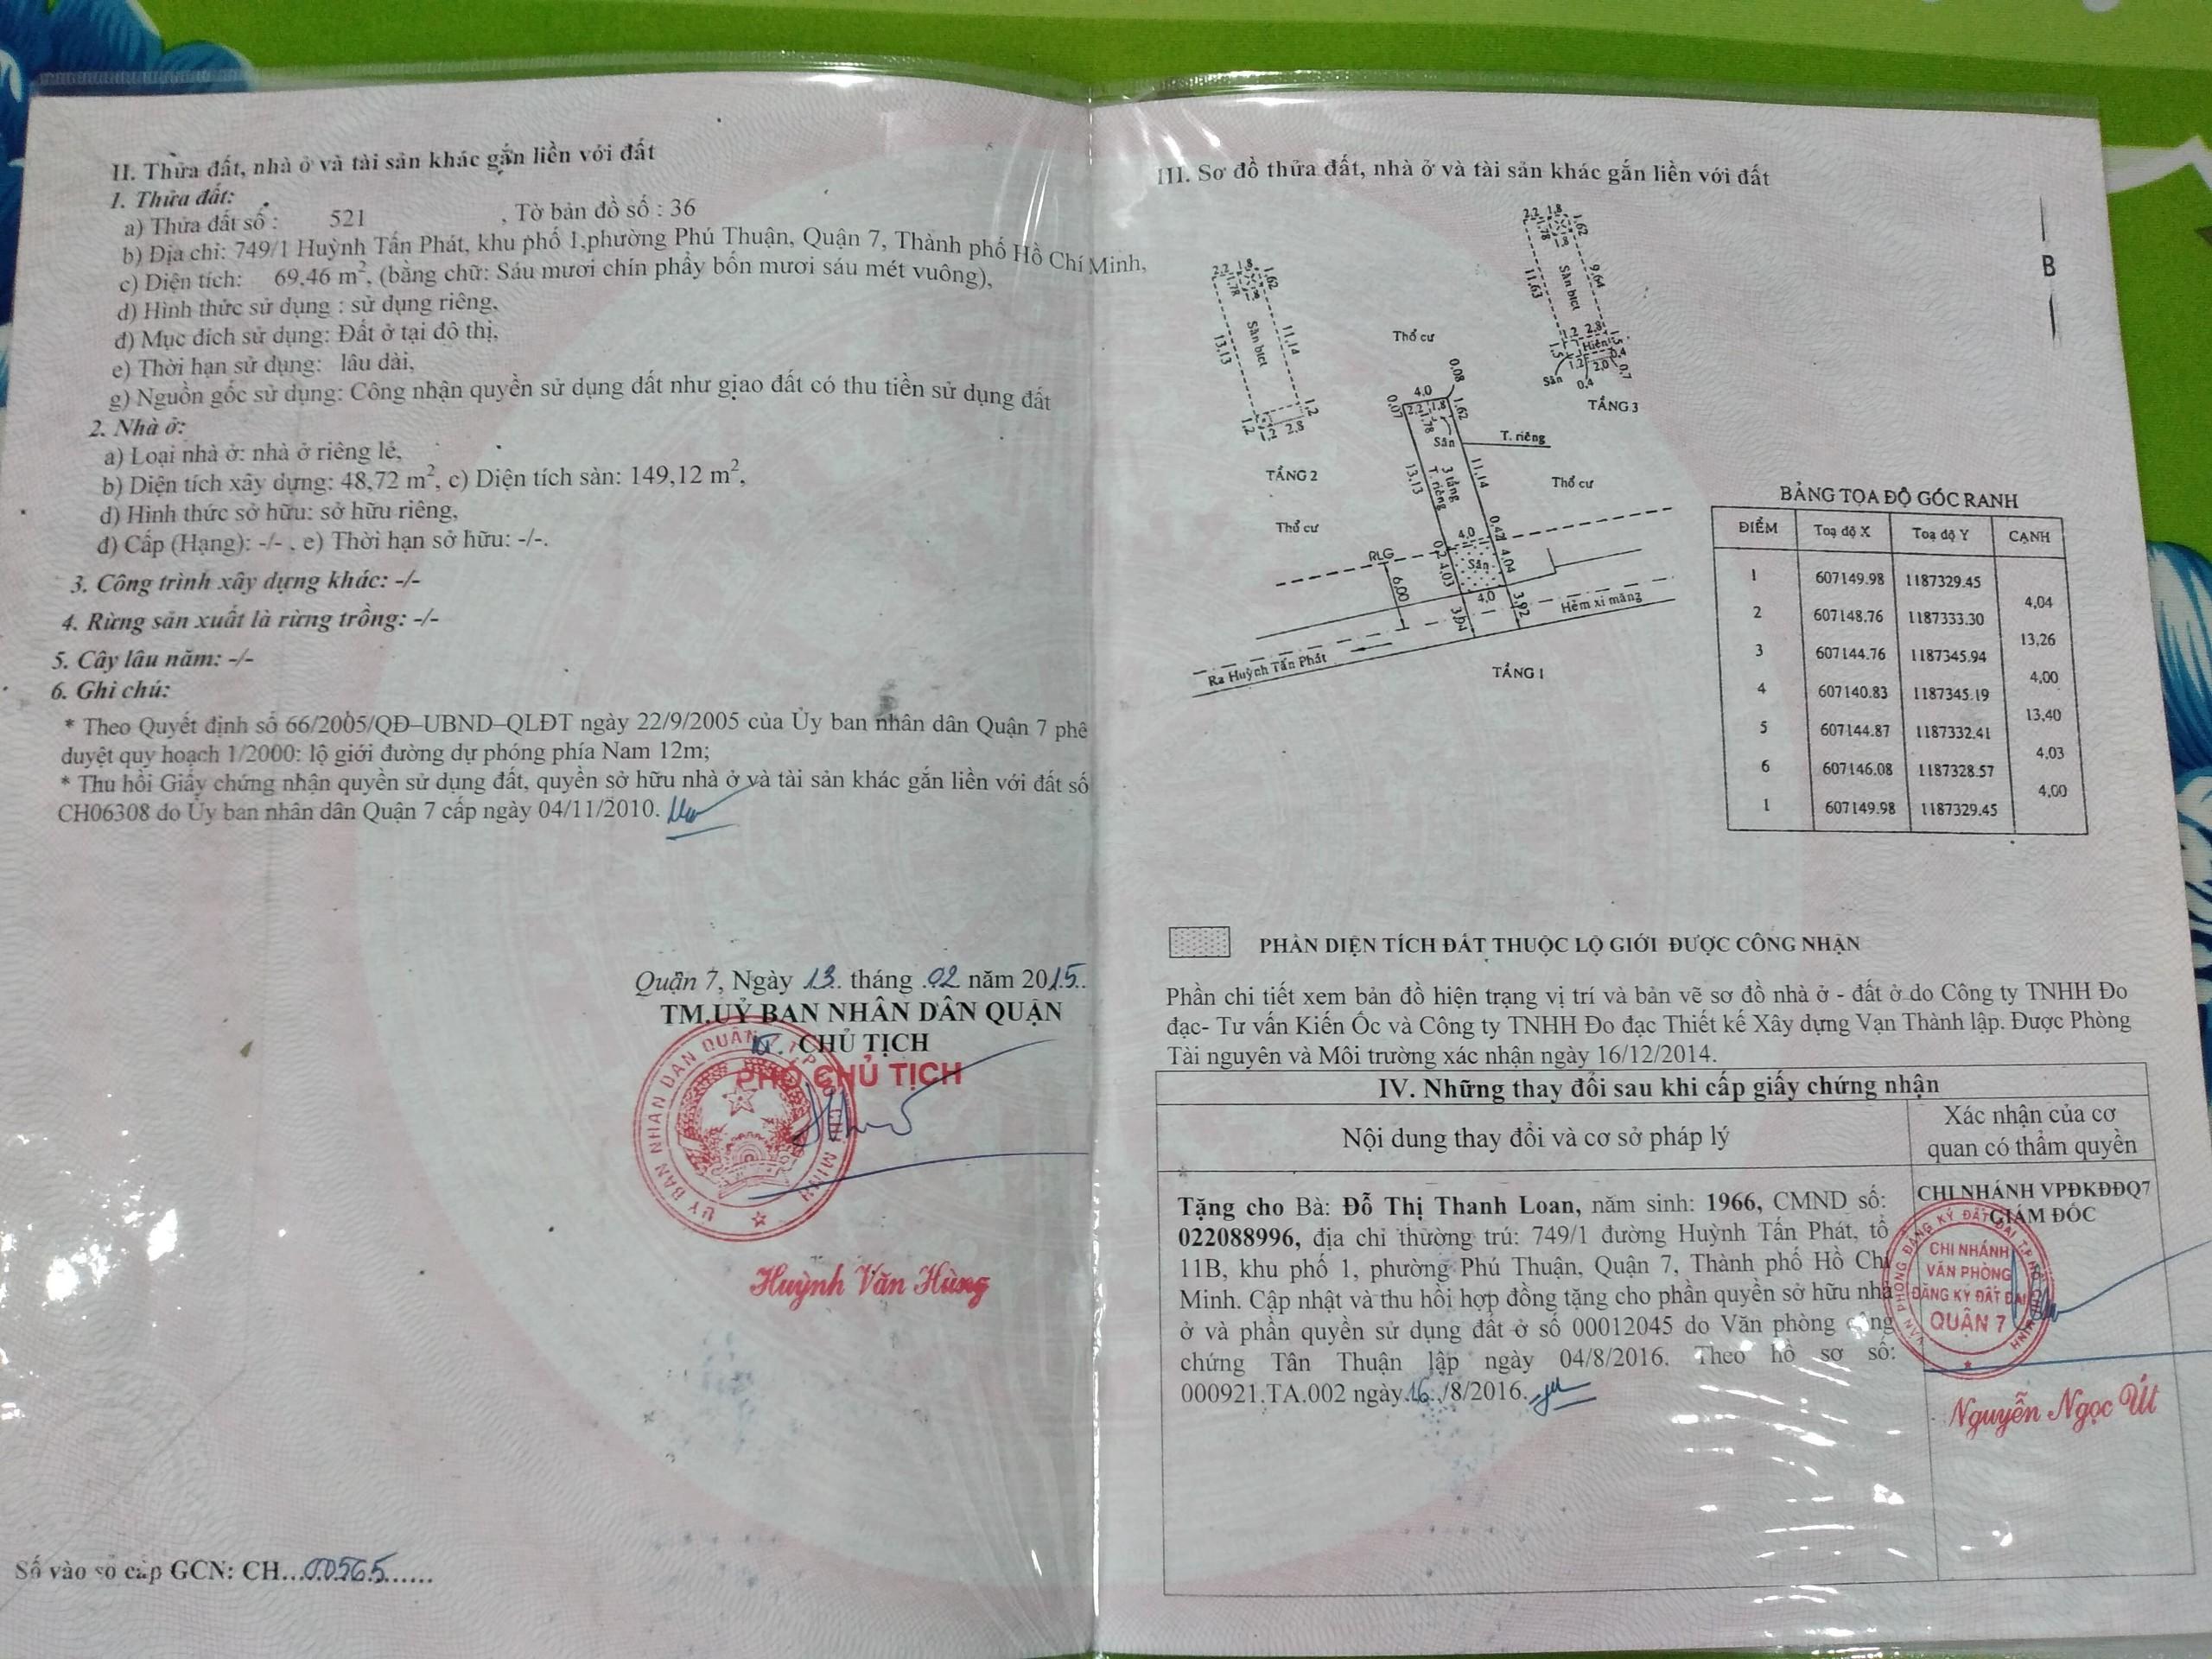 Bán Nhà 2 Lầu Hẻm 749 Huỳnh Tấn Phát Quận 7